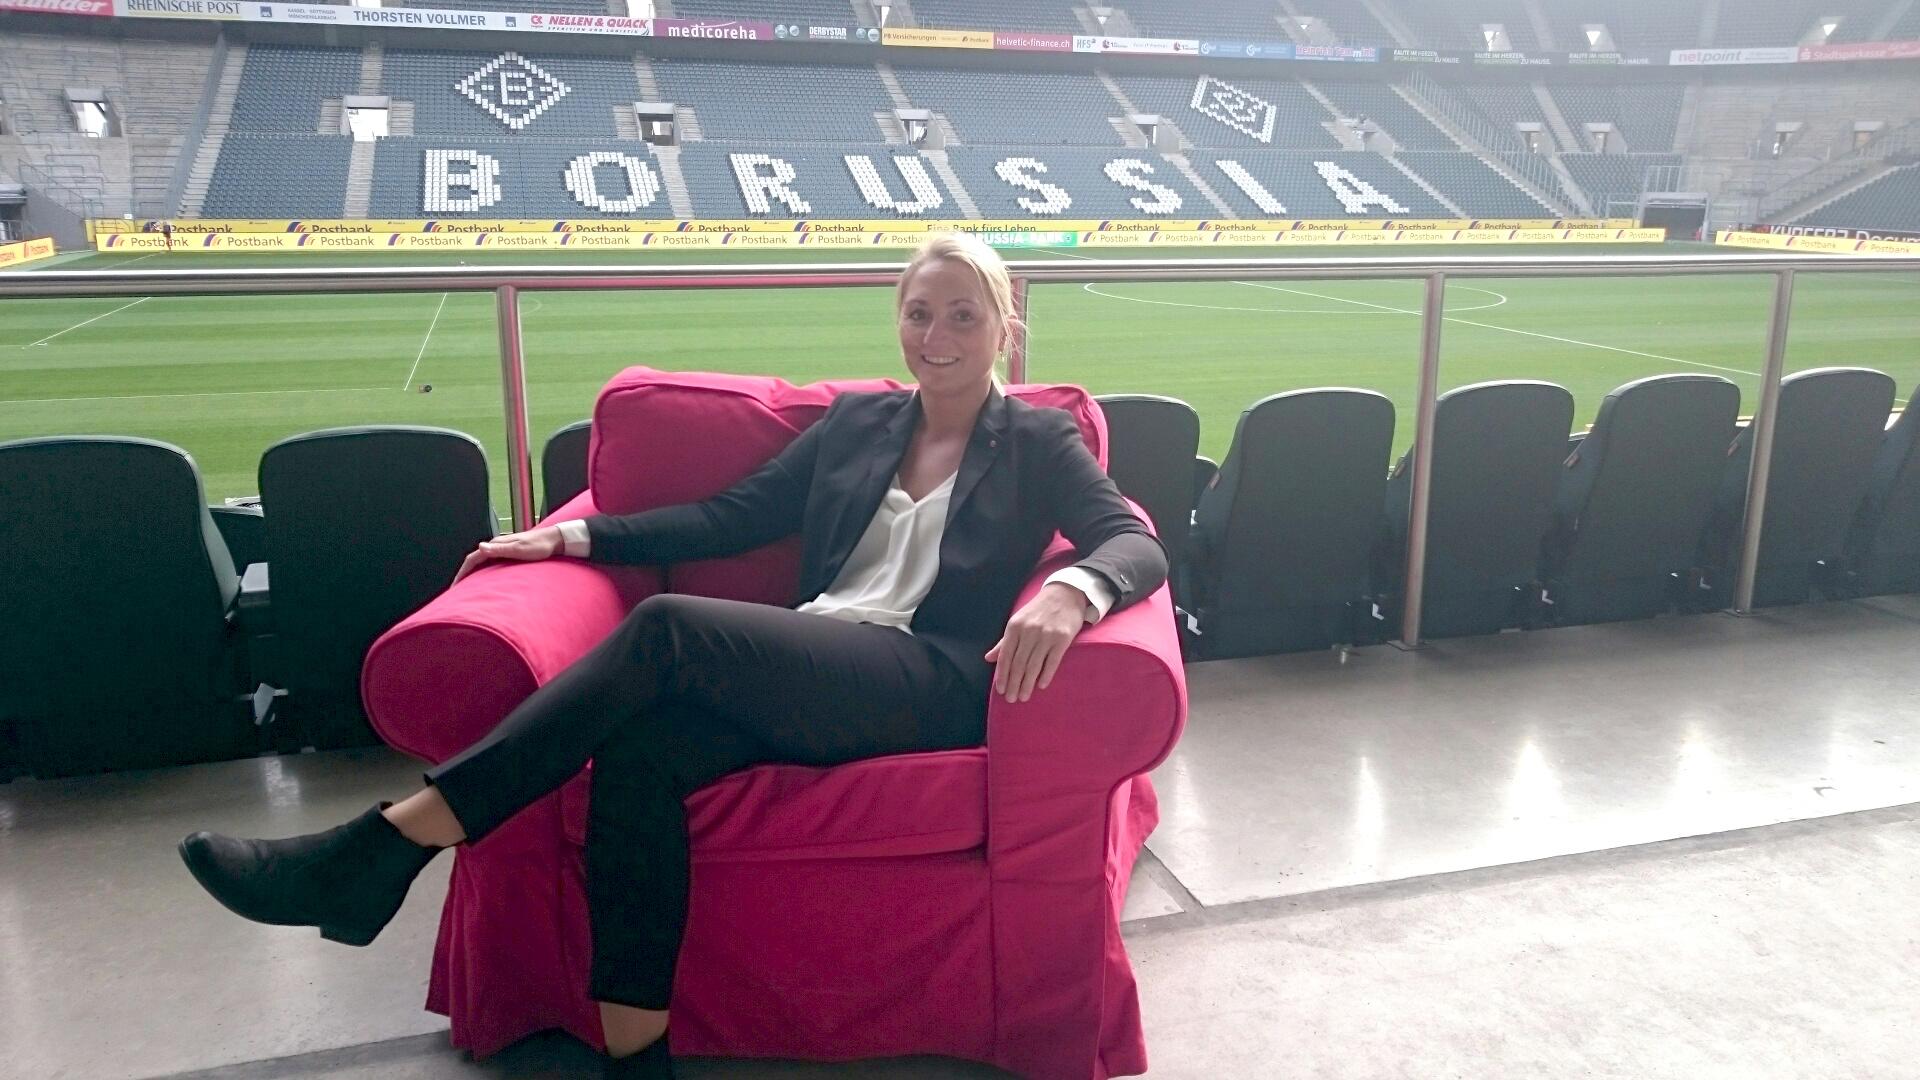 Nadine Metzner von Broich